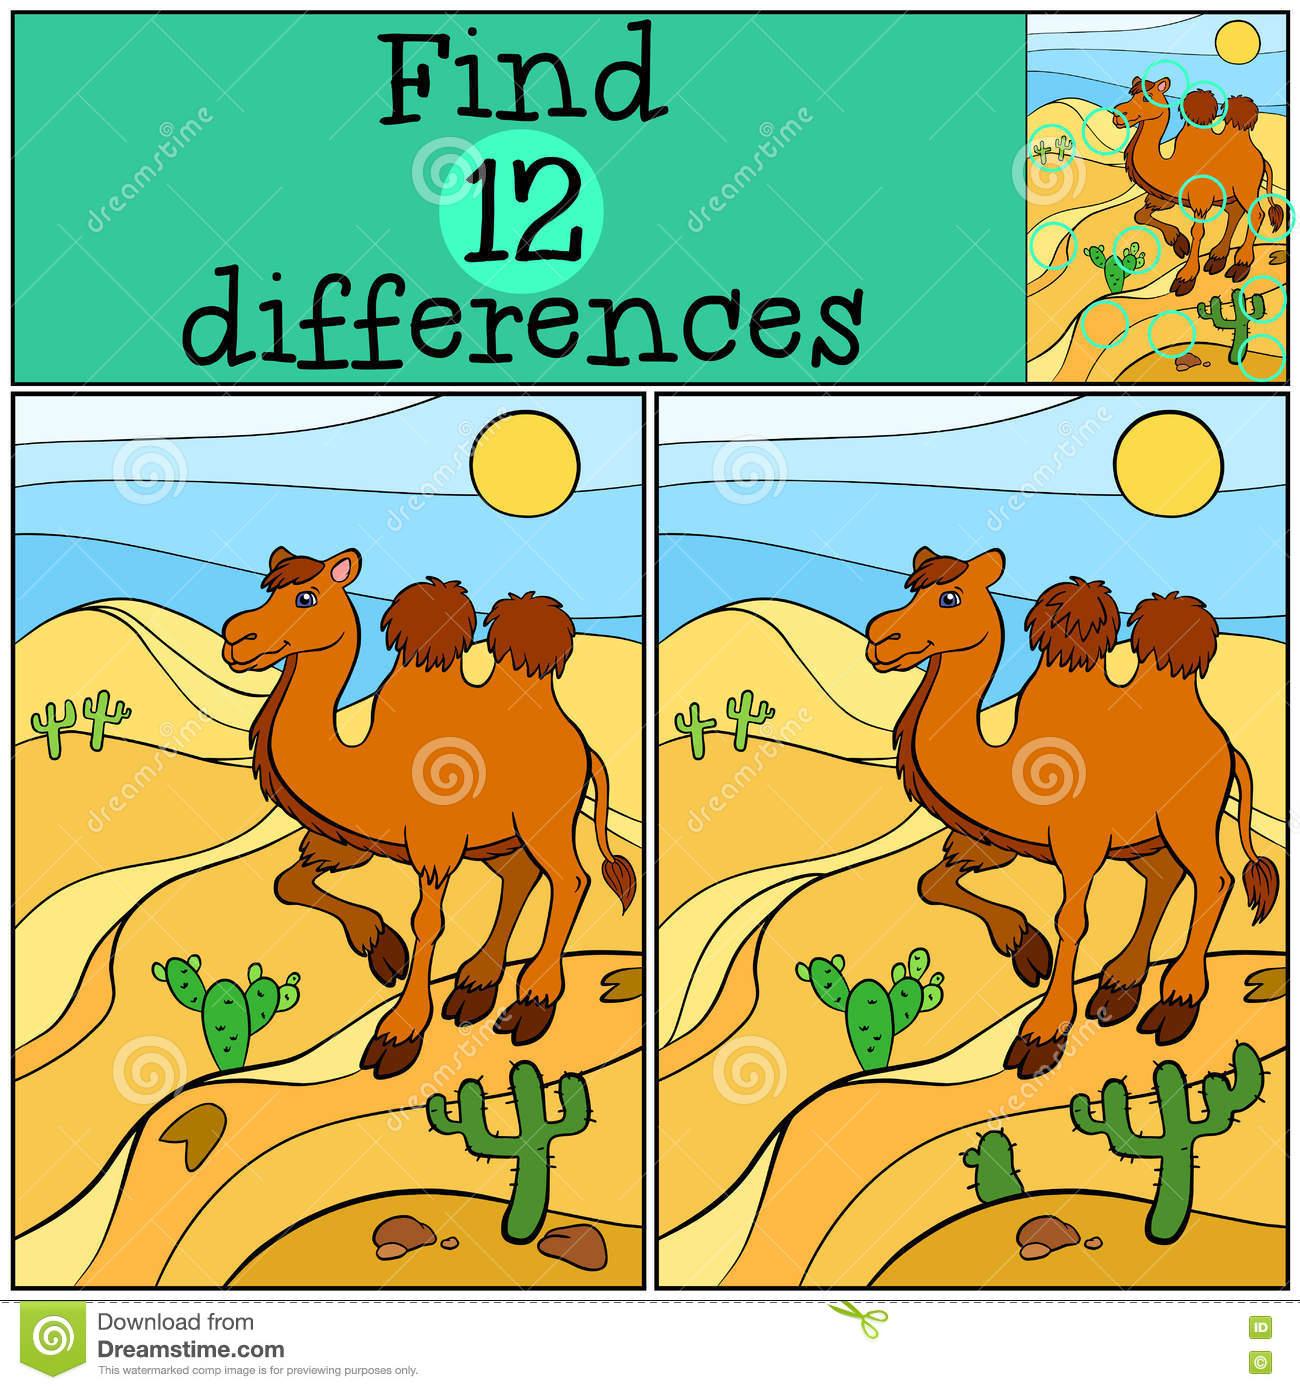 Jeux D'enfants : Différences De Découverte Chameau Mignon concernant Jeux De Différence